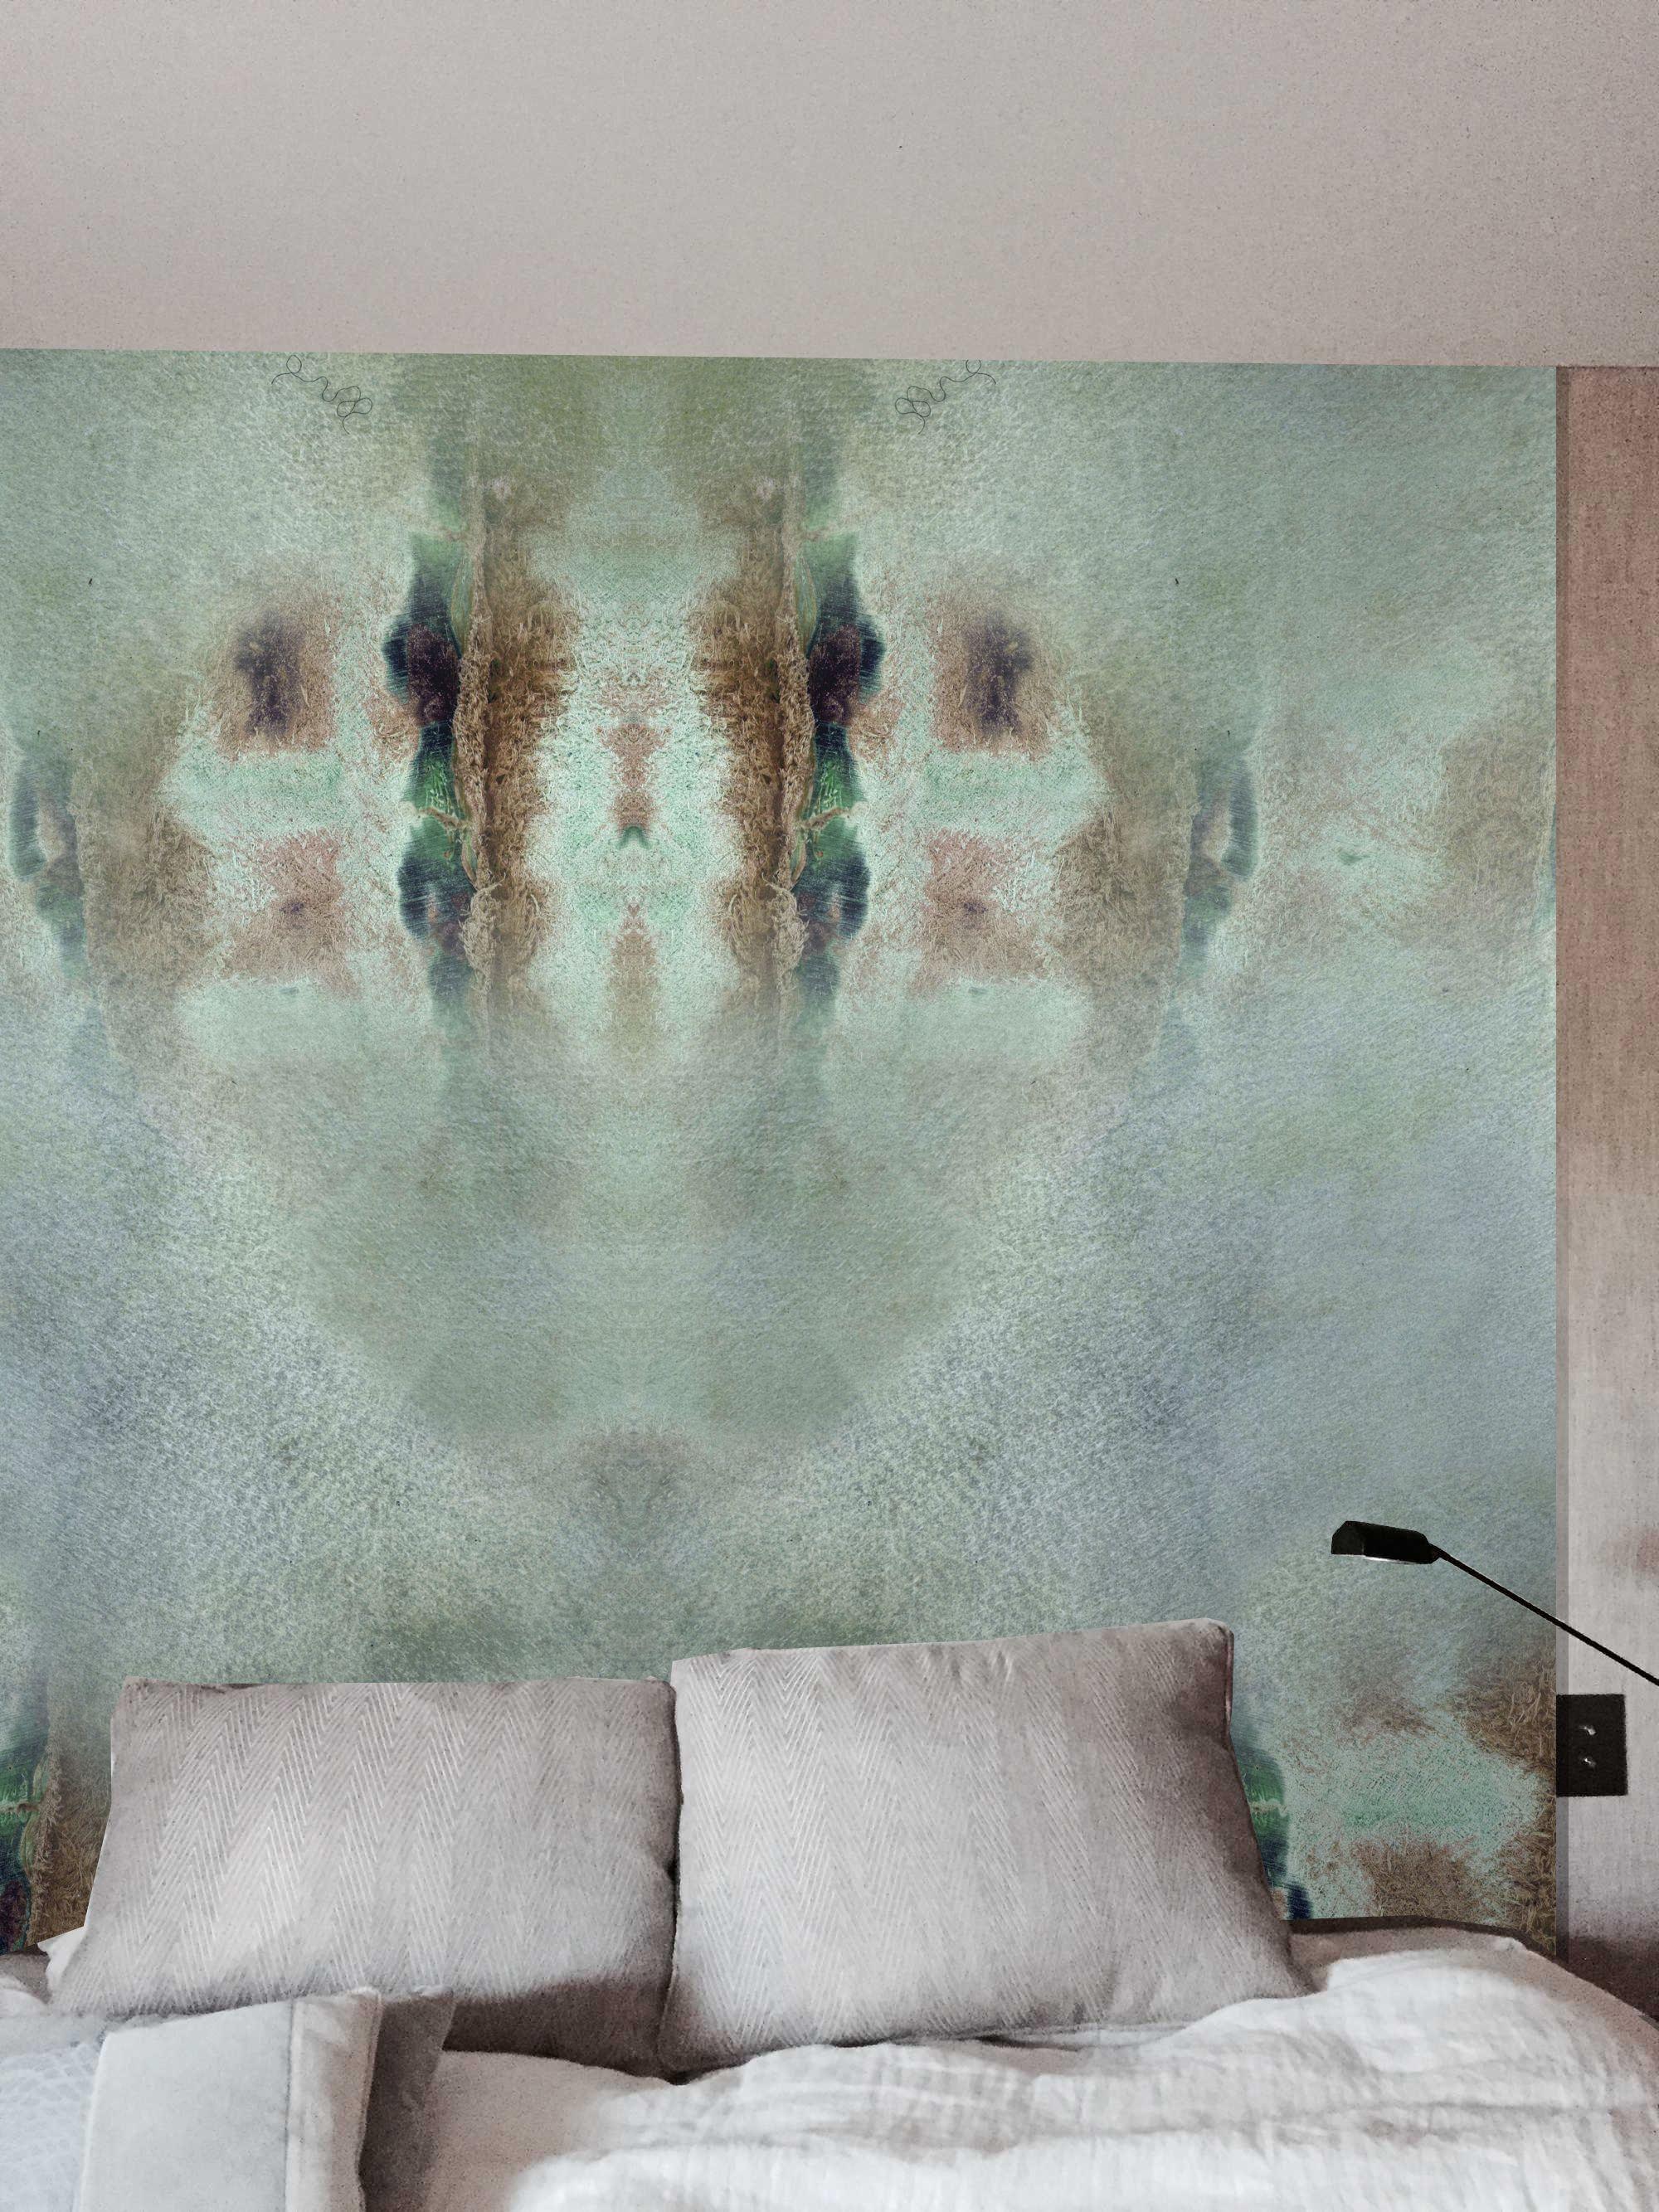 Labo leonard créateur de papier peint / wall paper/ Design wall/ mur ...